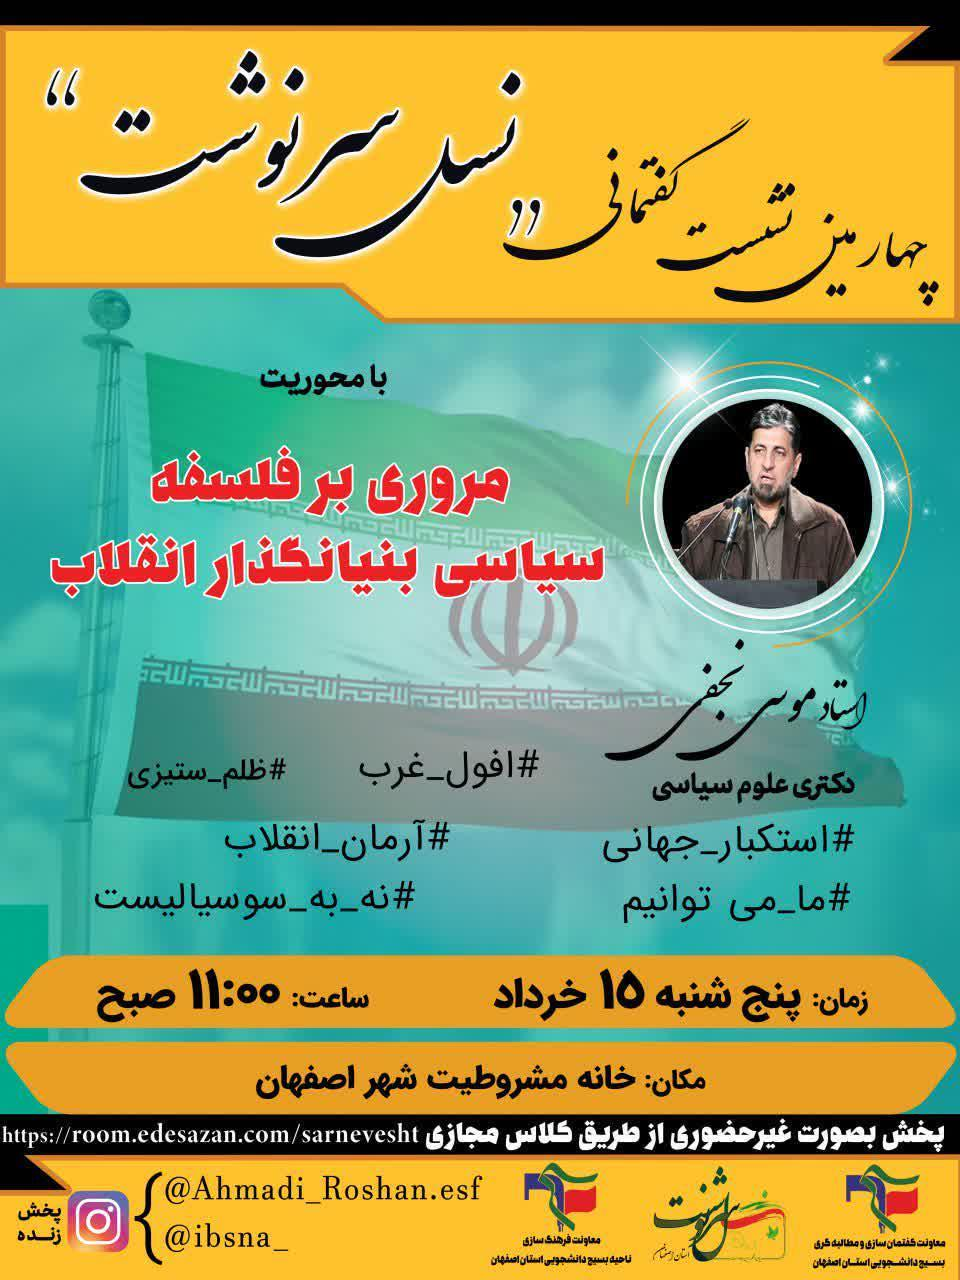 پنجشنبه ۷ صبح لطفا//// نشست گفتمانی با موضوع مروری بر فلسفه سیاسی امام خمینی (ره) برگزار میشود